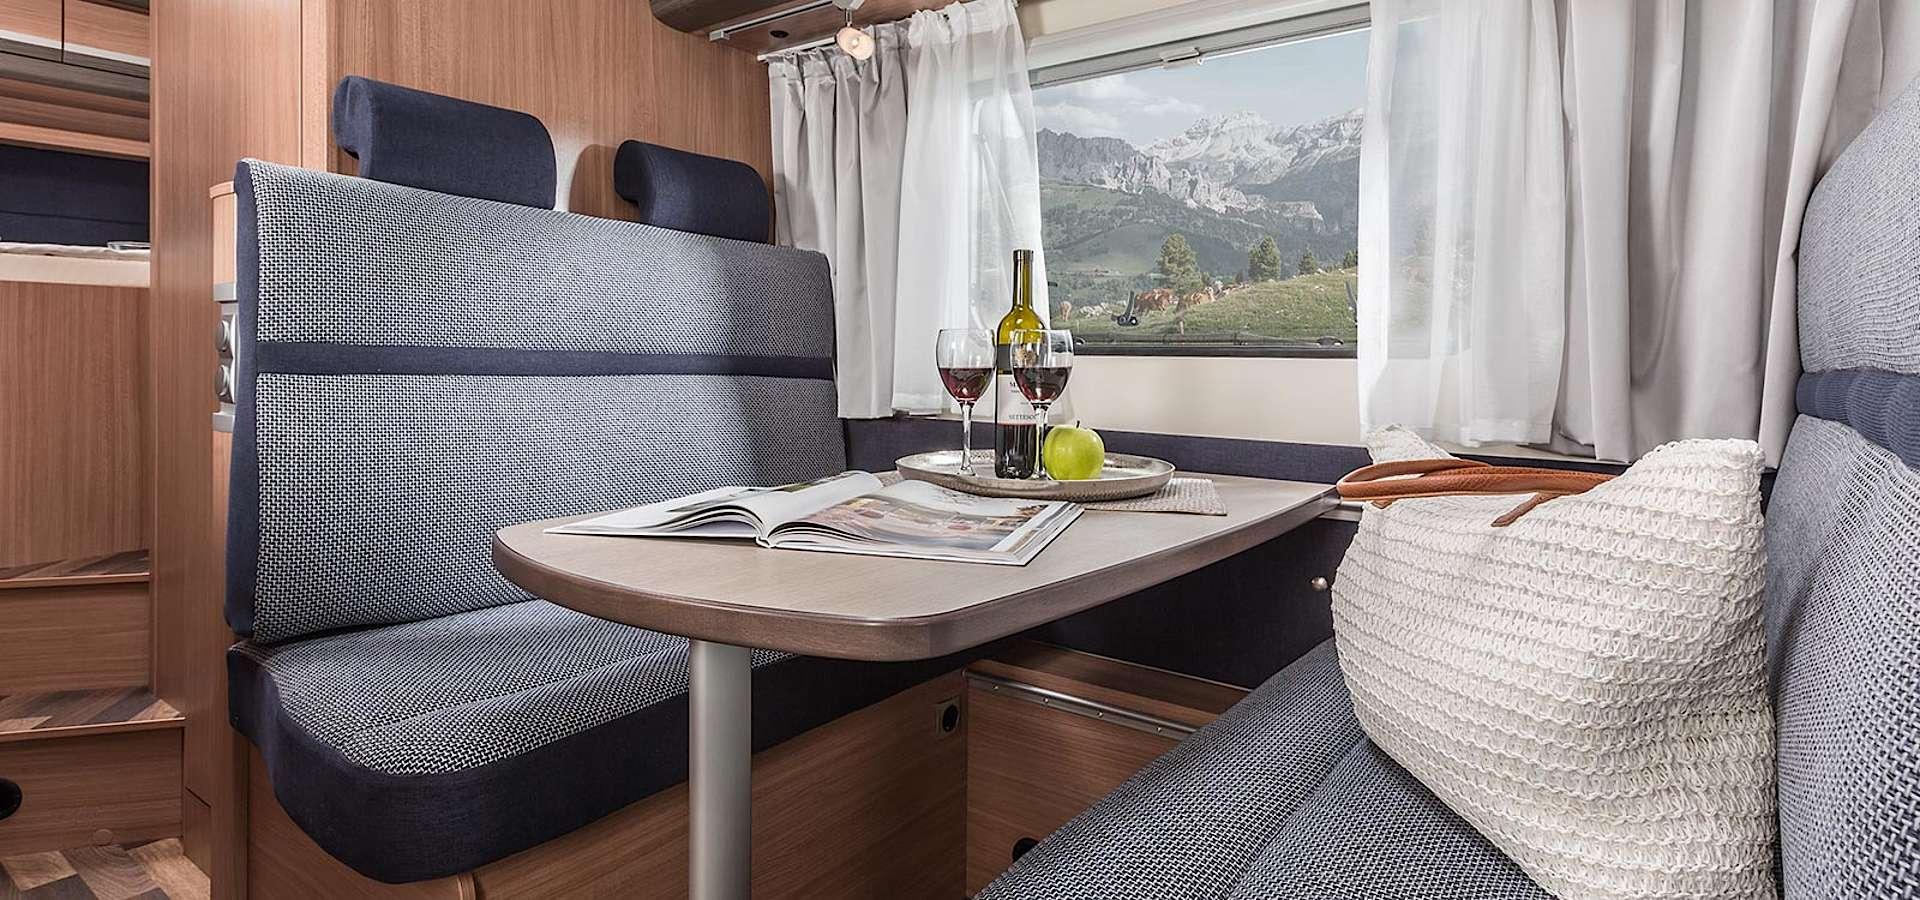 die Mittelsitzgruppe kann zu einem Doppelbett umgebaut werden